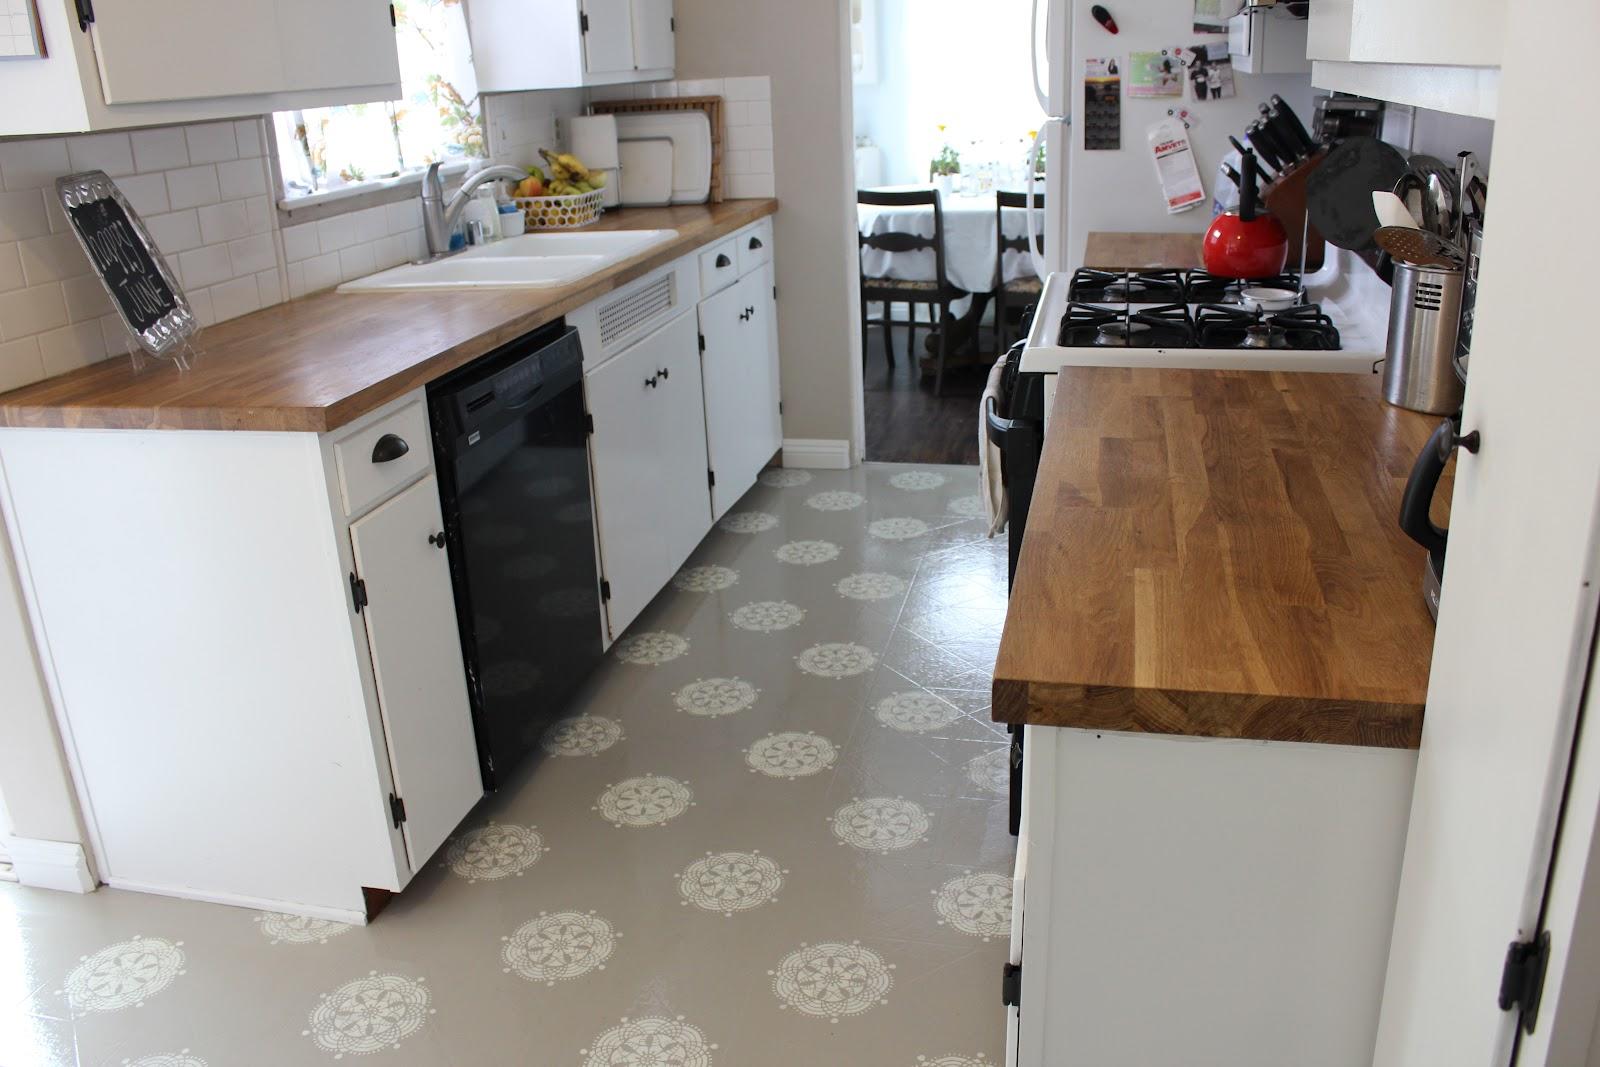 Contoh-motif-lantai-untuk-ruang-dapur-minimalis-menggunakan-bahan-linoleum